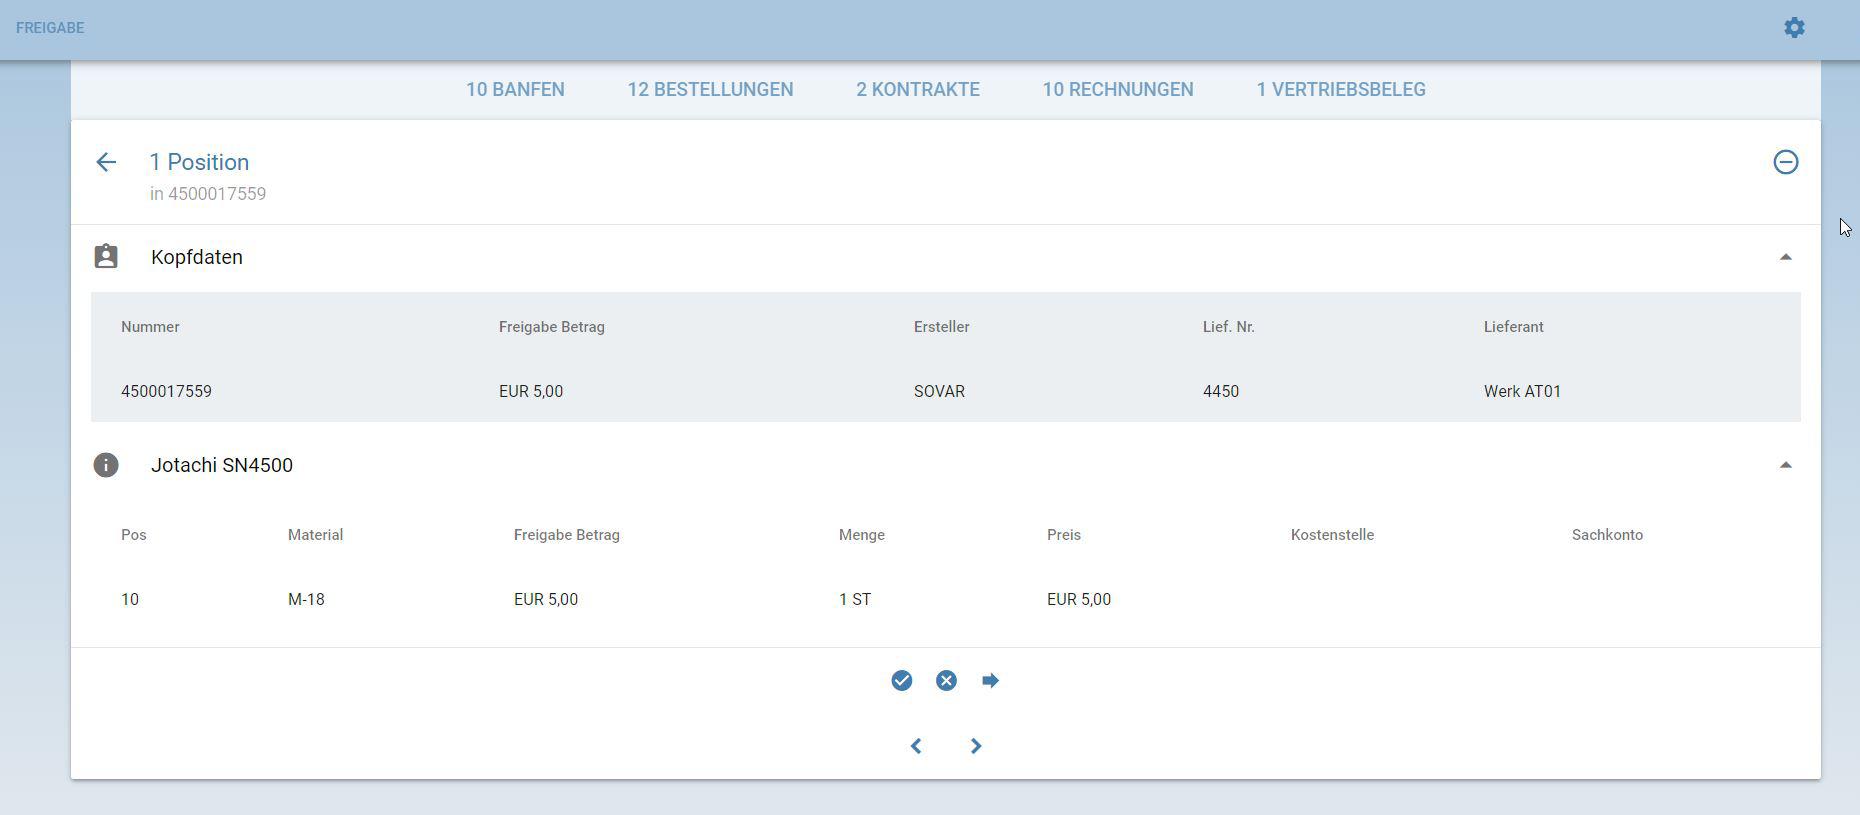 EPO Freigabe App HTML5 Fiori SAP MM Bestellung Workflow 2